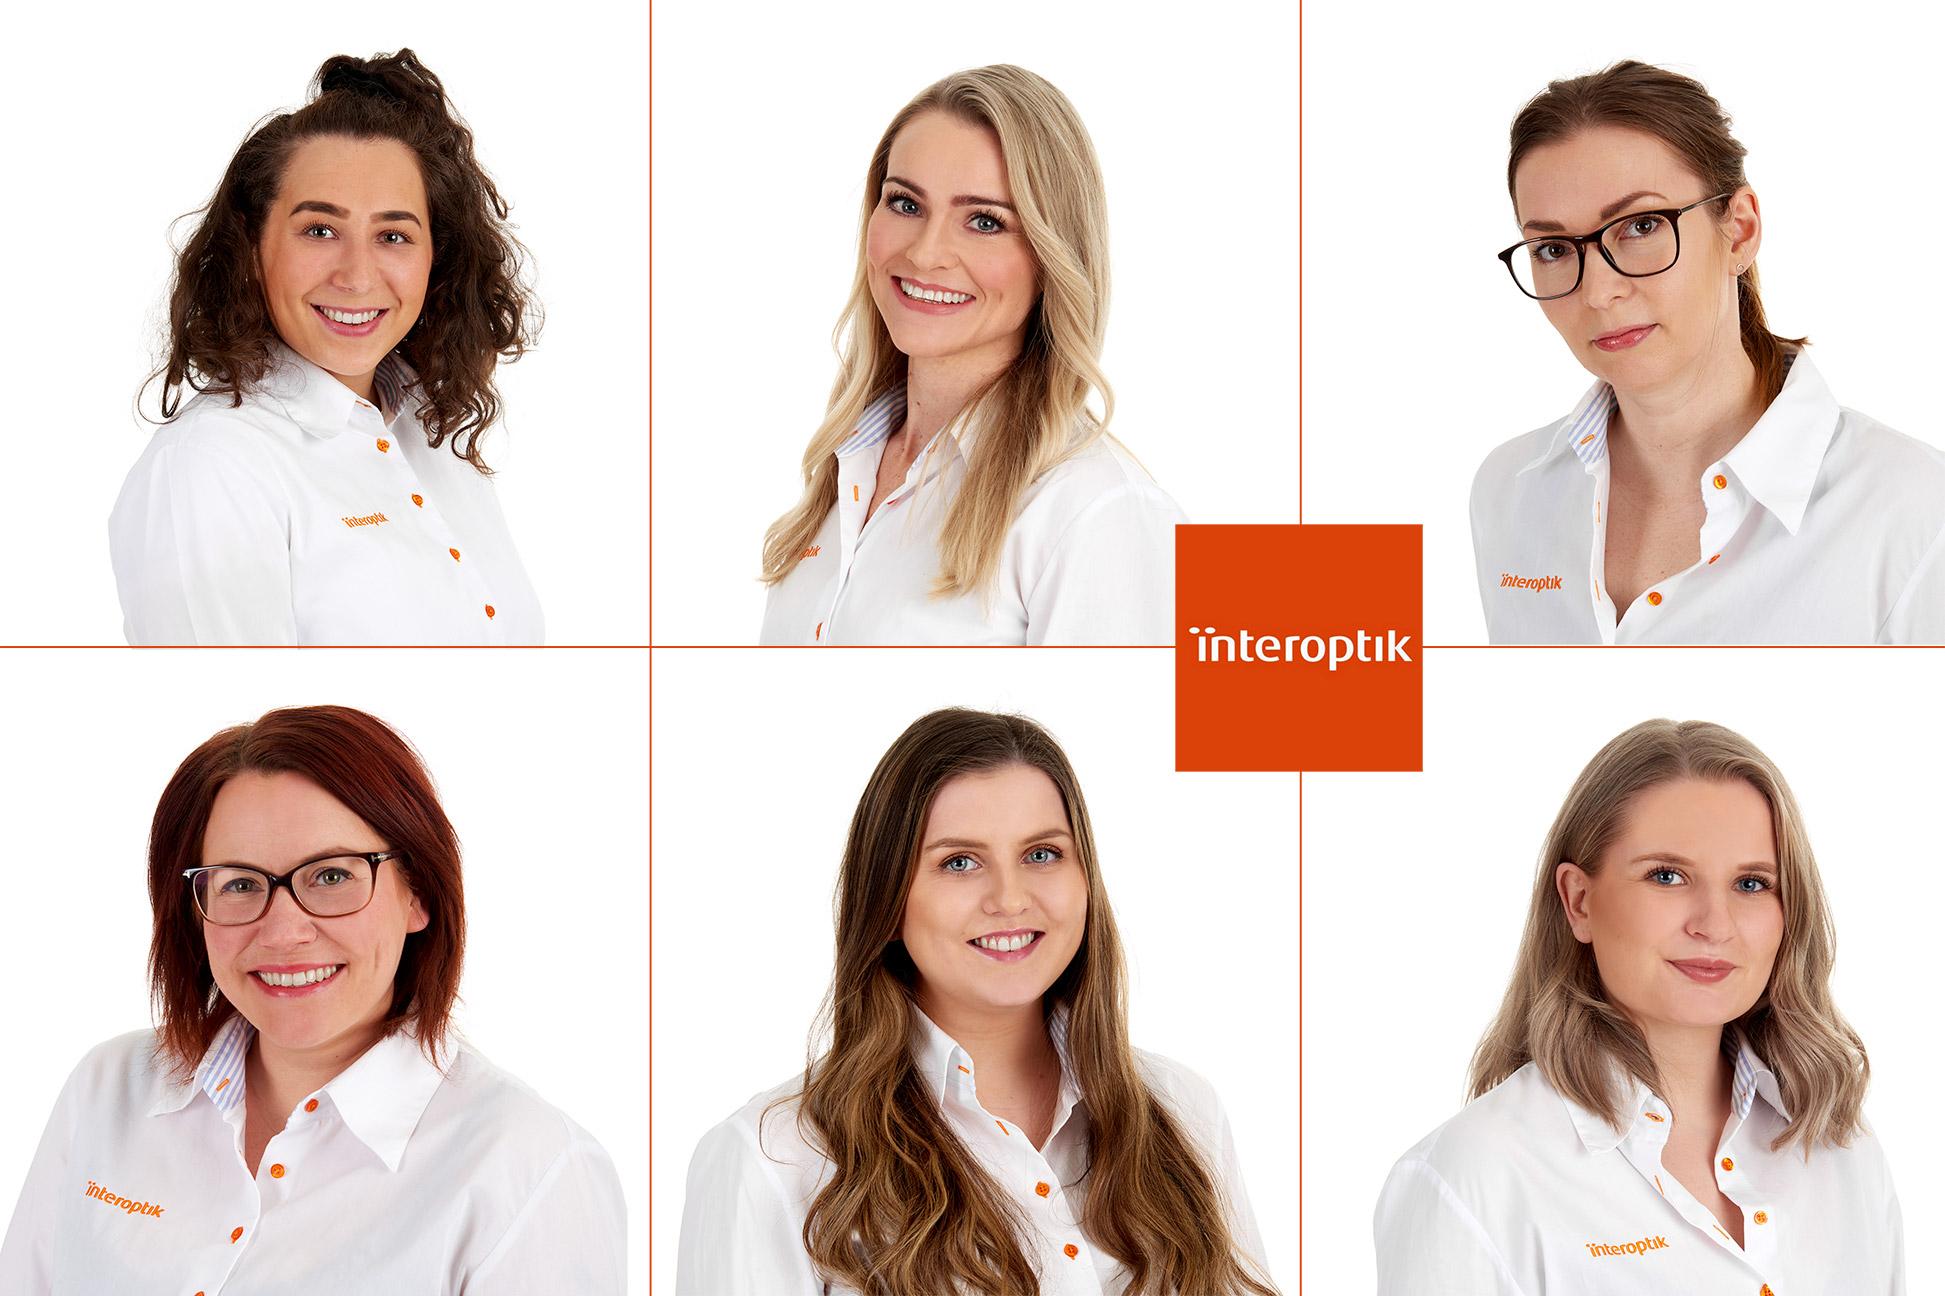 Interoptik - portrett av ansatte